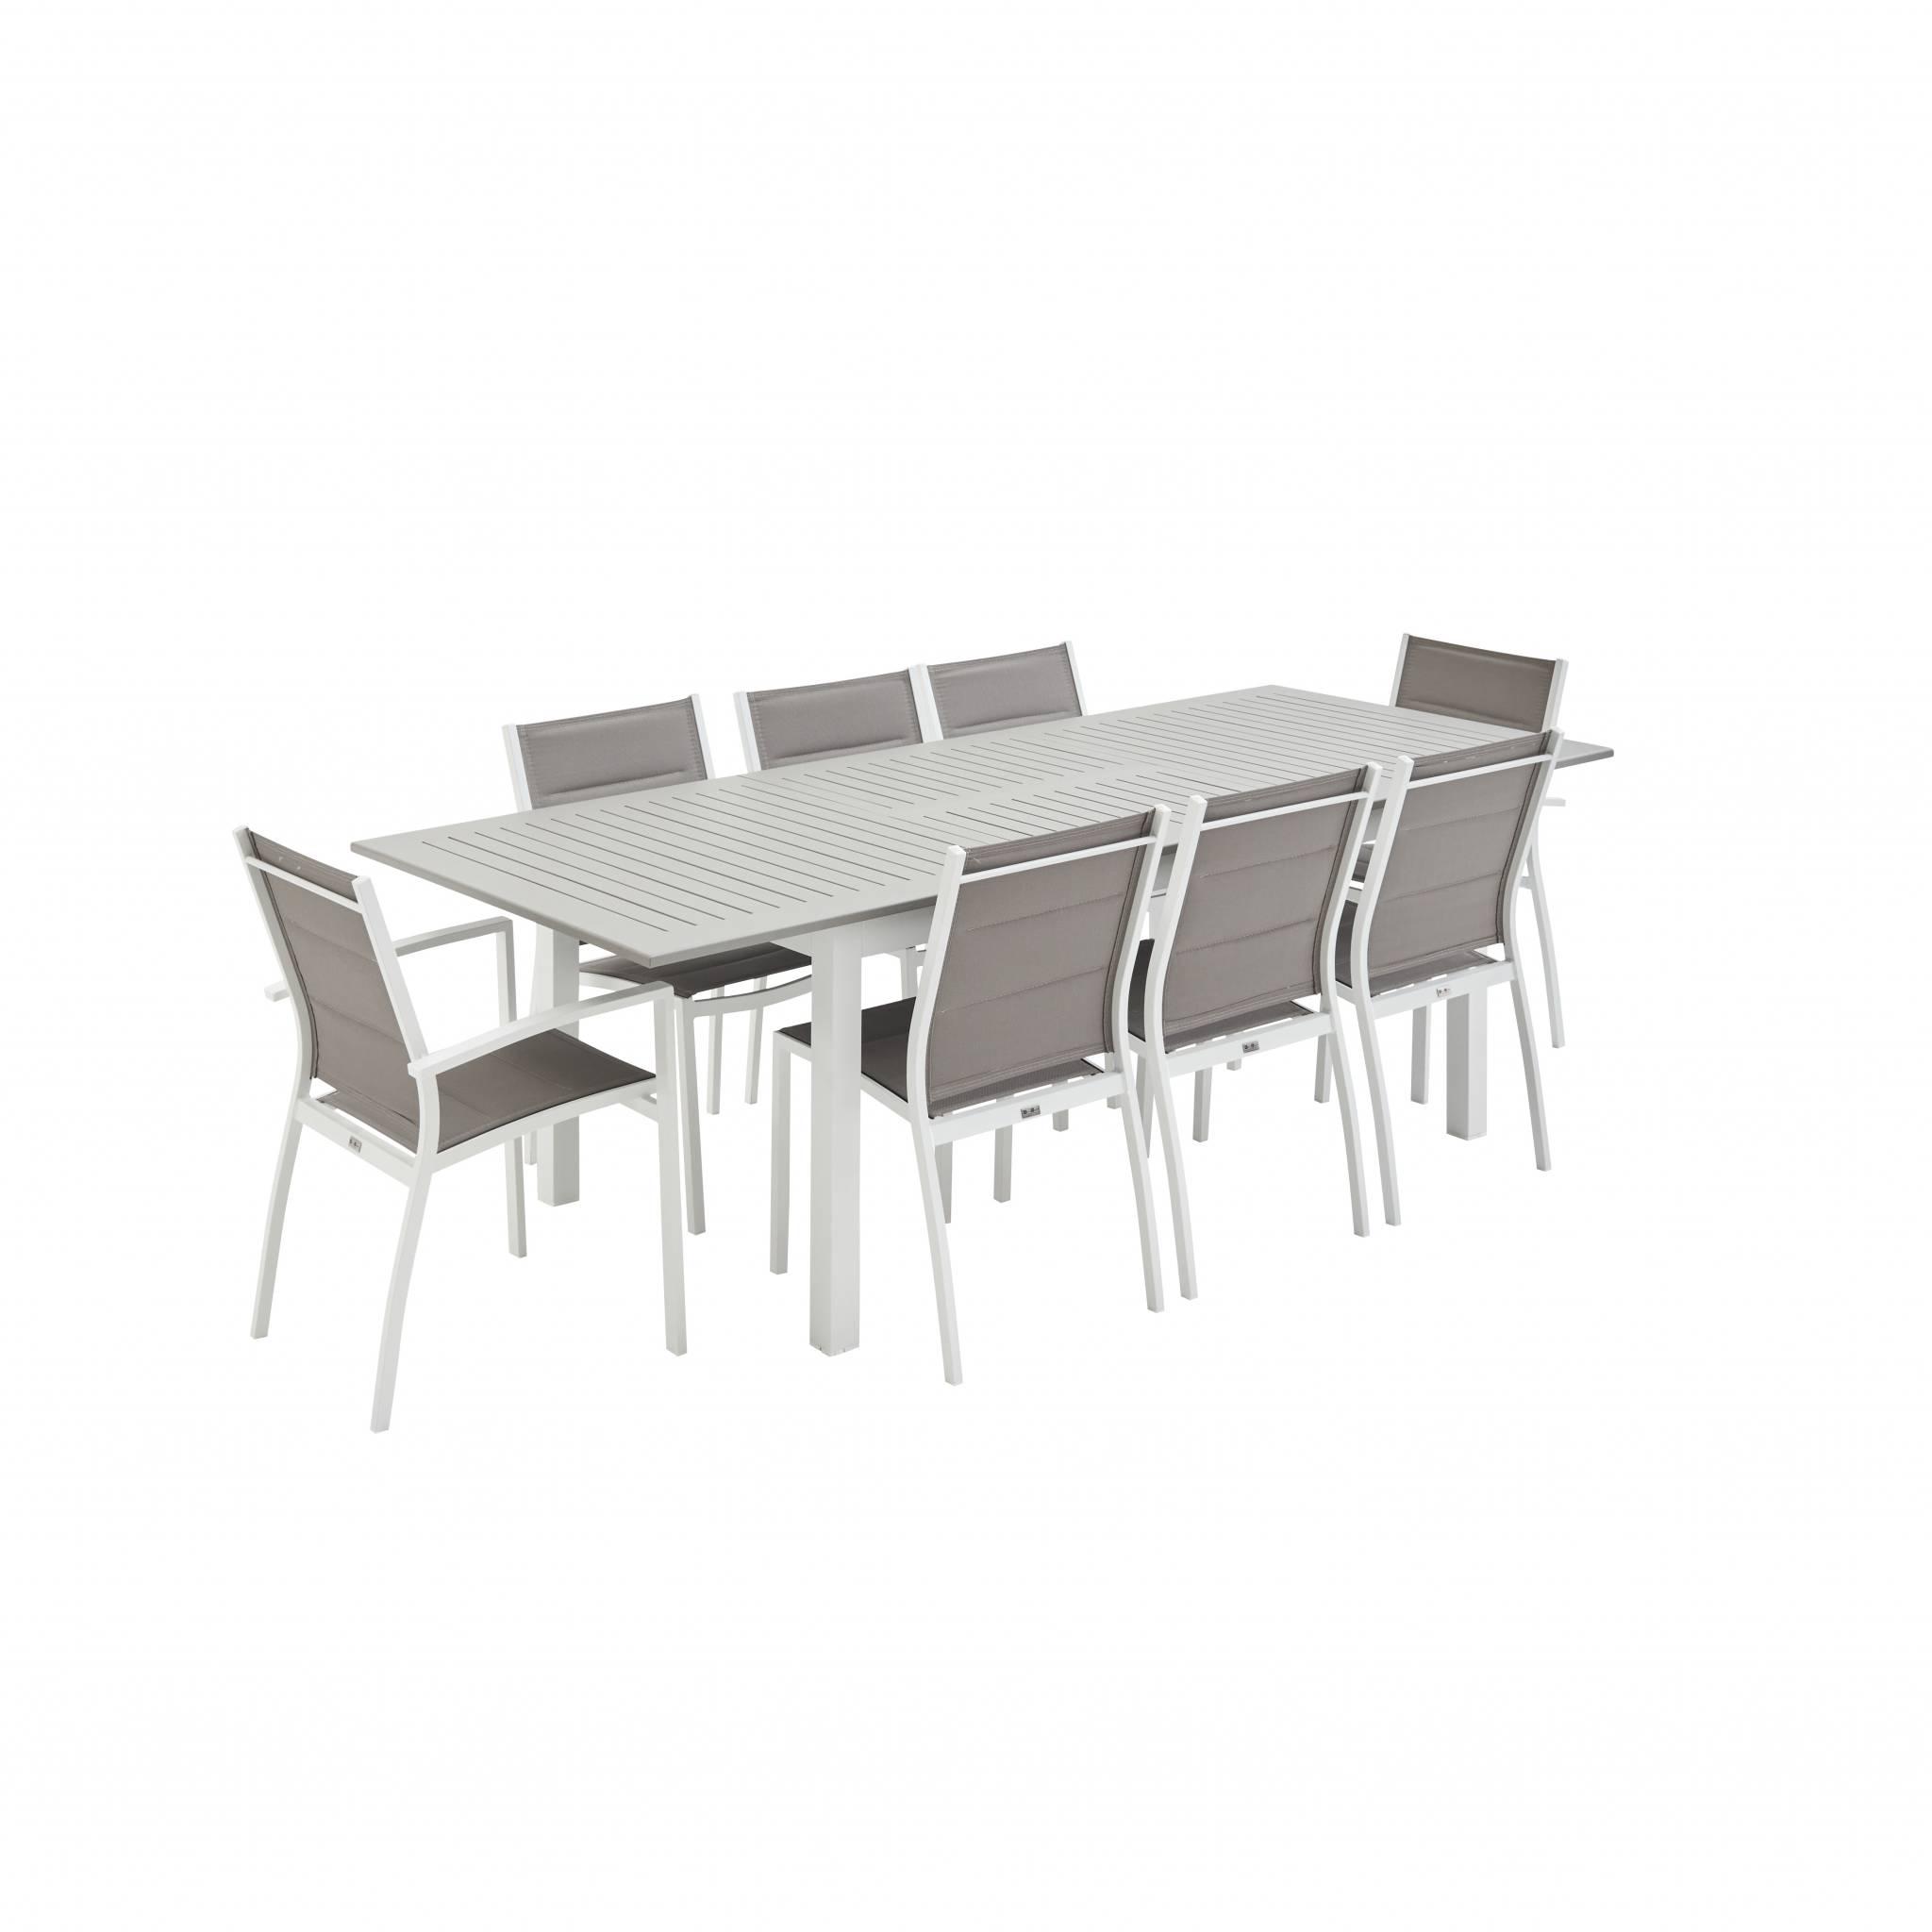 Ensemble table extensible et chaises 8 places blanc/taupe